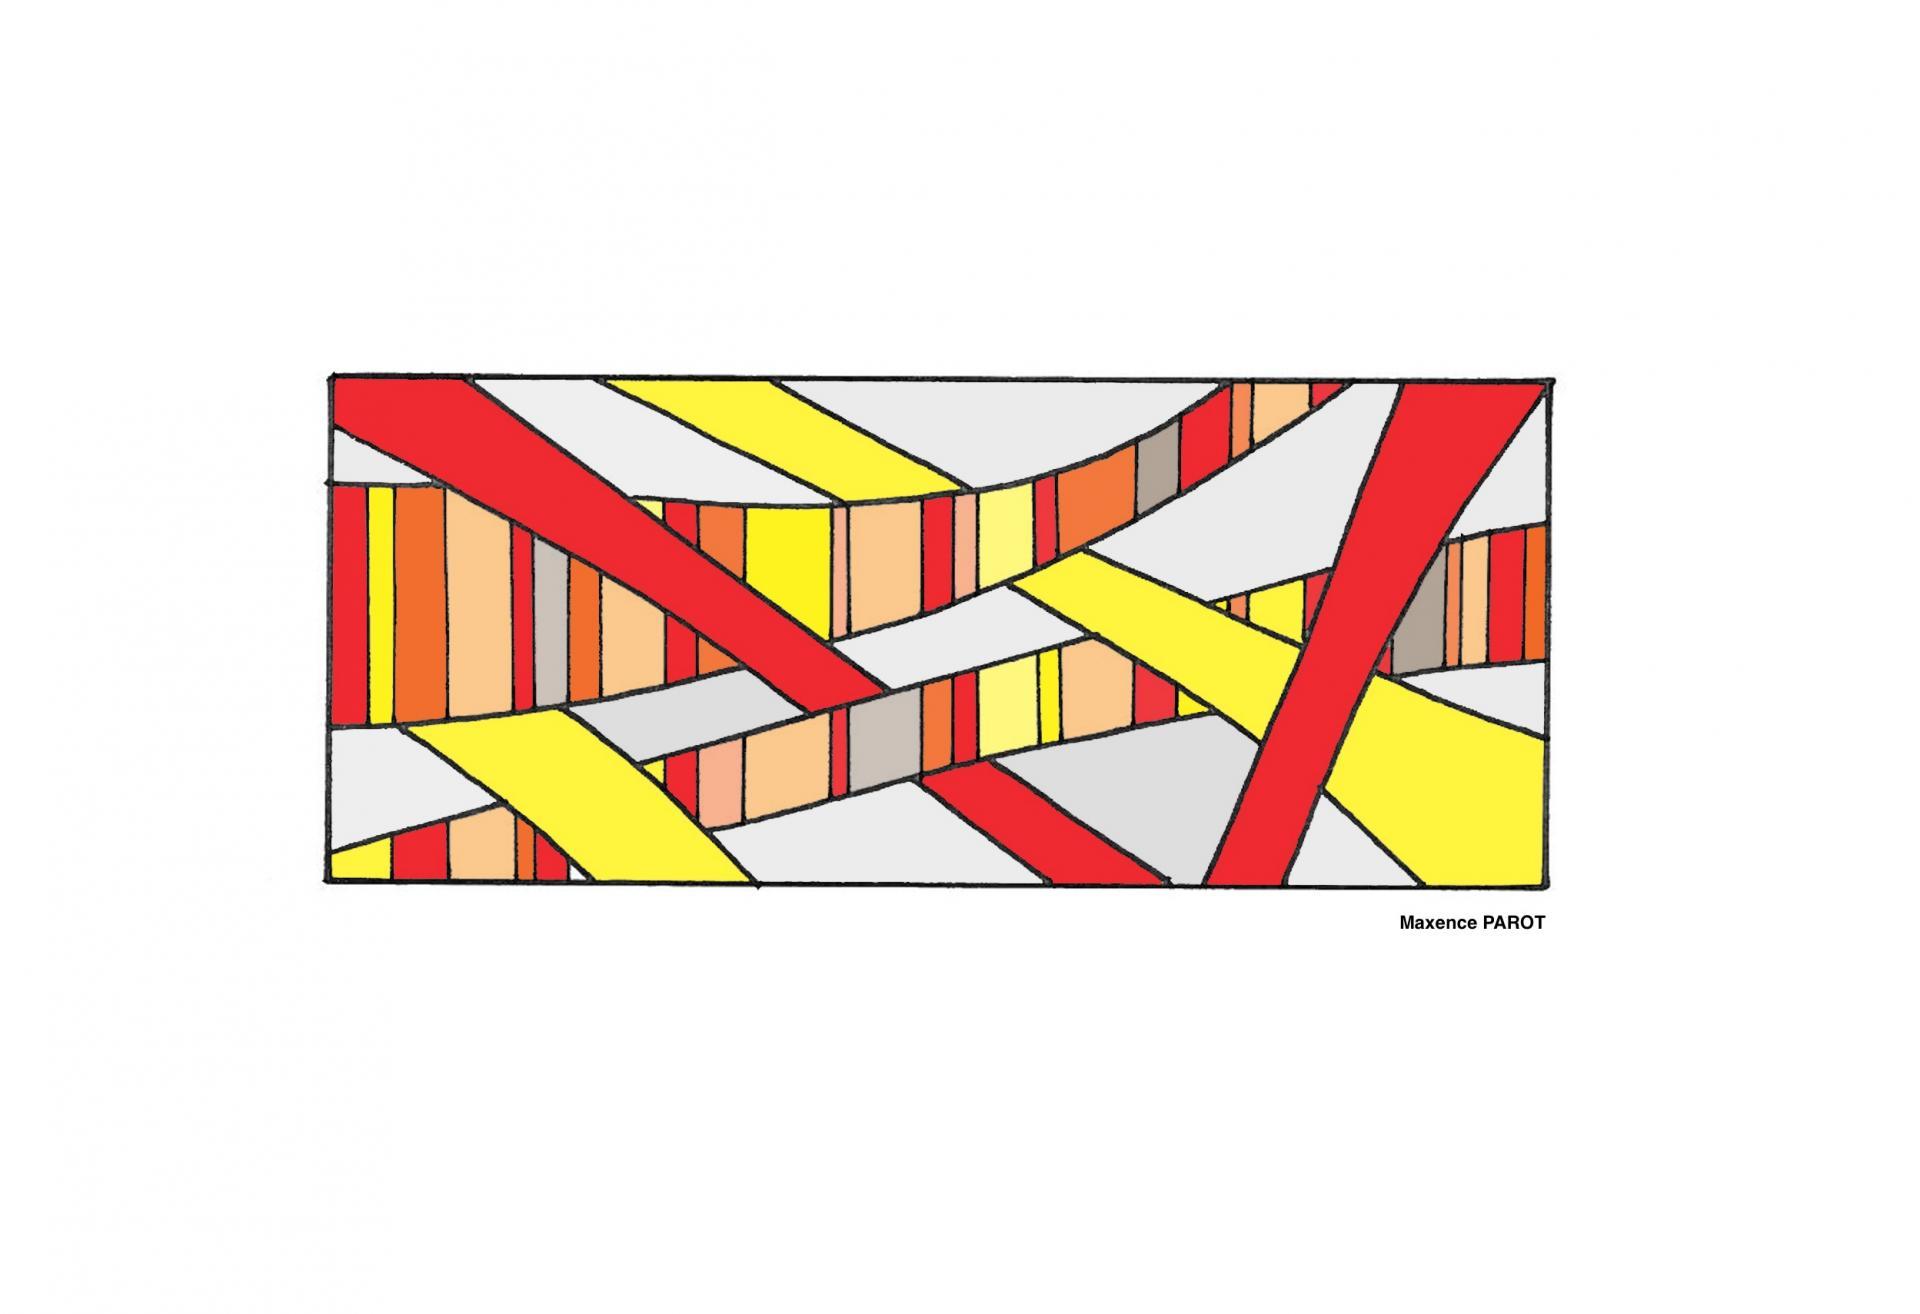 Création d'une maquette en couleur